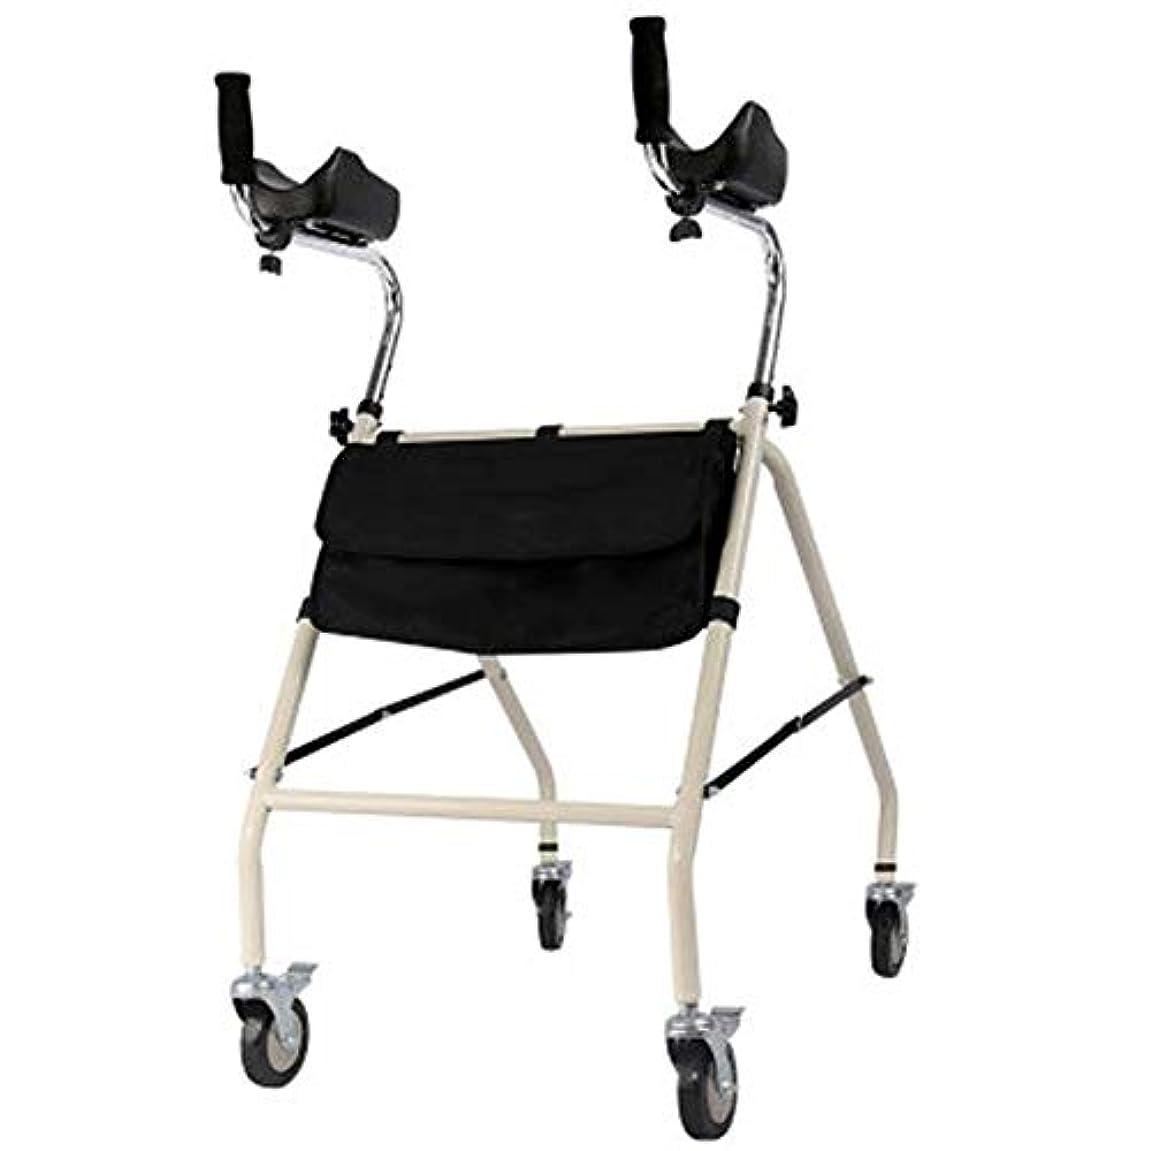 インタフェース旅行代理店自発的折り畳み式ウォーキング高齢者?障害者用四足杖サポートアンチスリップトロリー下肢リハビリテーション訓練立ちシェルフを歩きます,7.7kg